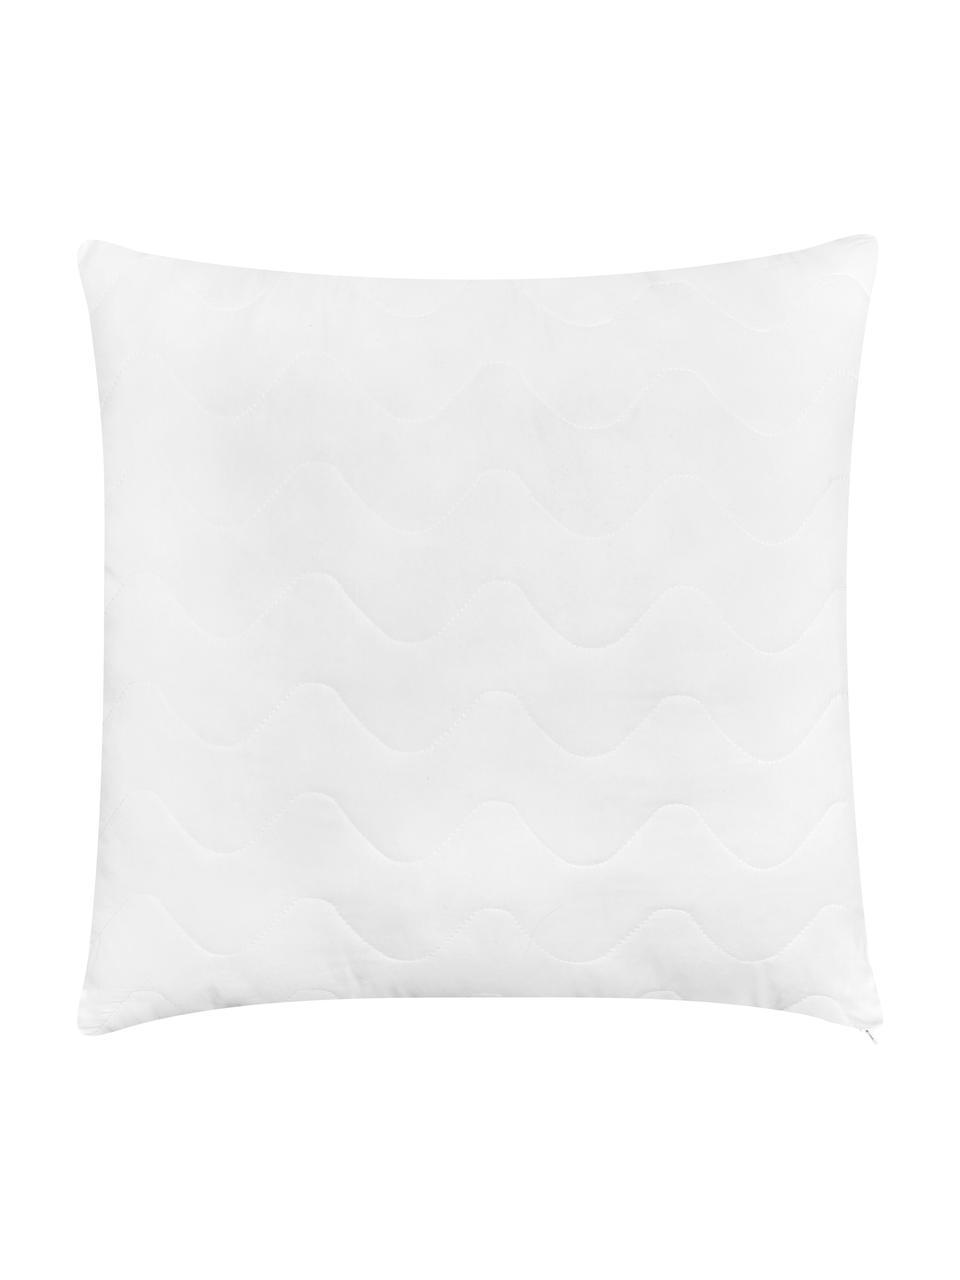 Premium Kissen-Inlett Sia, 60x60, Microfaser-Füllung, Hülle: 100% Polyester, wattiert, Weiß, 60 x 60 cm